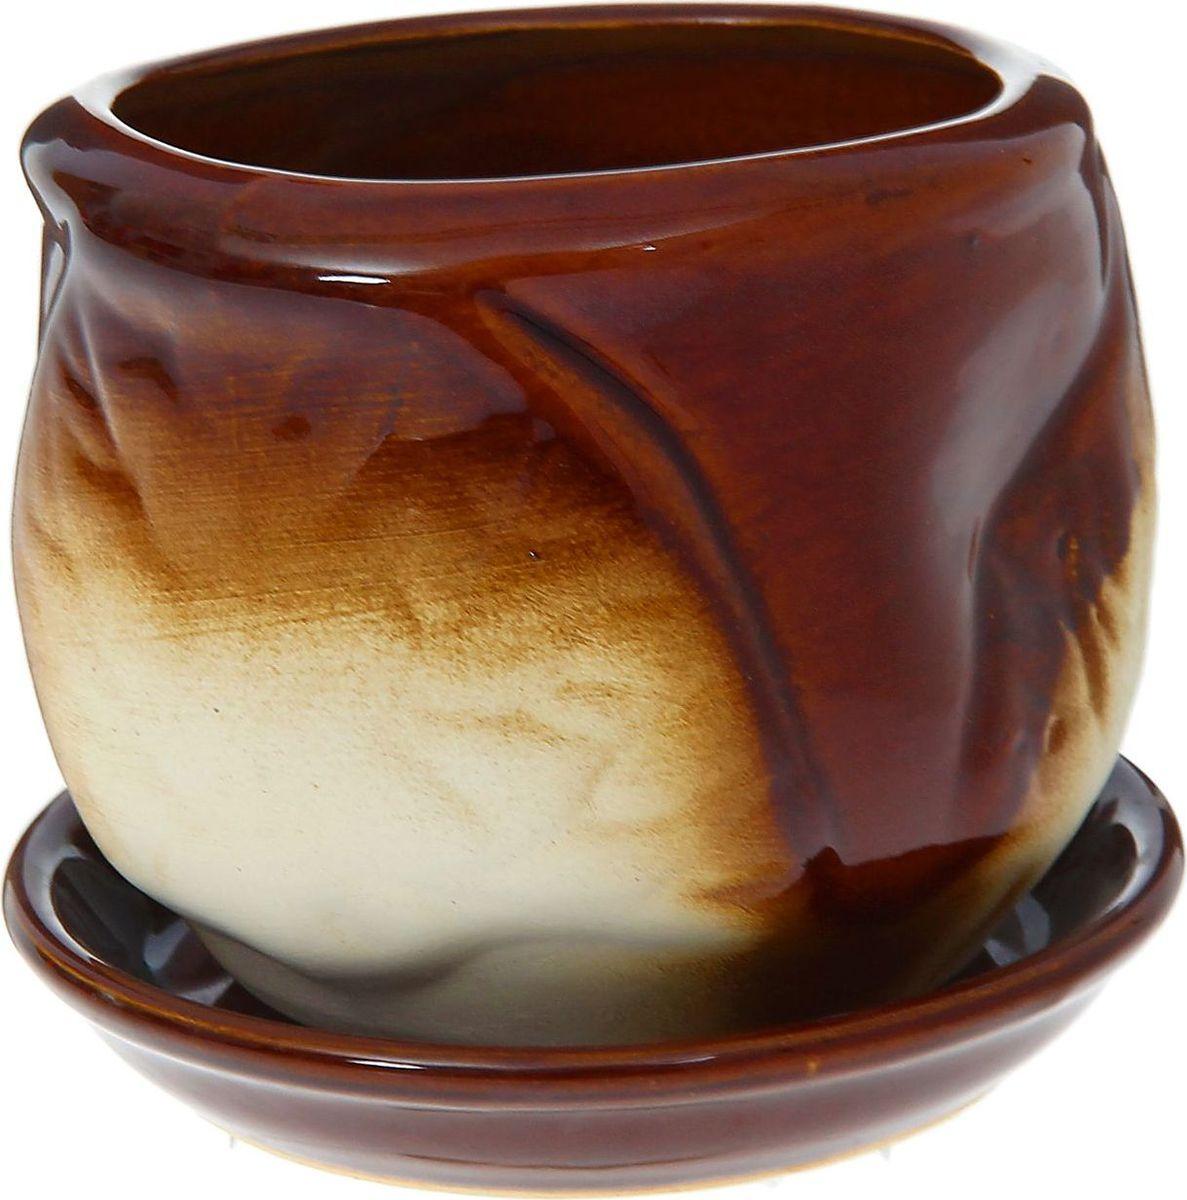 Кашпо Листик, цвет: коричневый, 0,5 л1185899Комнатные растения — всеобщие любимцы. Они радуют глаз, насыщают помещение кислородом и украшают пространство. Каждому из них необходим свой удобный и красивый дом. Кашпо из керамики прекрасно подходят для высадки растений: за счёт пластичности глины и разных способов обработки существует великое множество форм и дизайновпористый материал позволяет испаряться лишней влагевоздух, необходимый для дыхания корней, проникает сквозь керамические стенки! #name# позаботится о зелёном питомце, освежит интерьер и подчеркнёт его стиль.